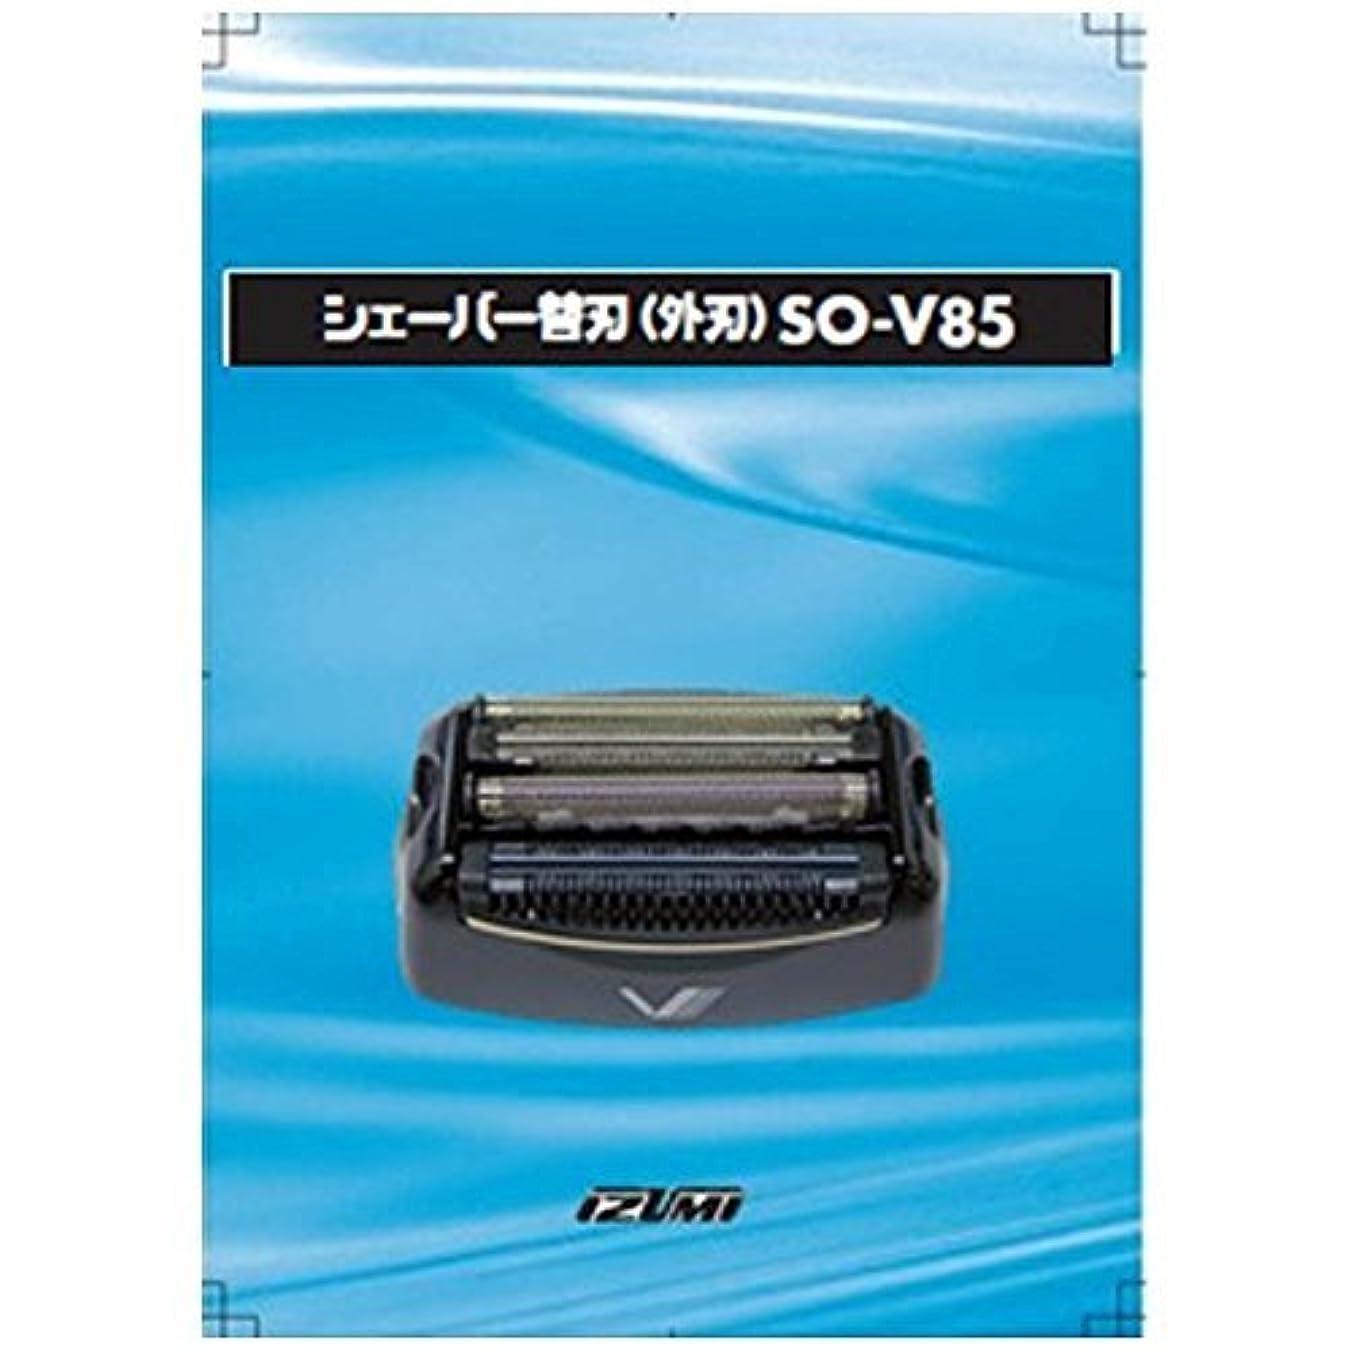 わずかな溶けるジャーナルイズミ 交換用替刃(外刃)IZUMI SO-V85